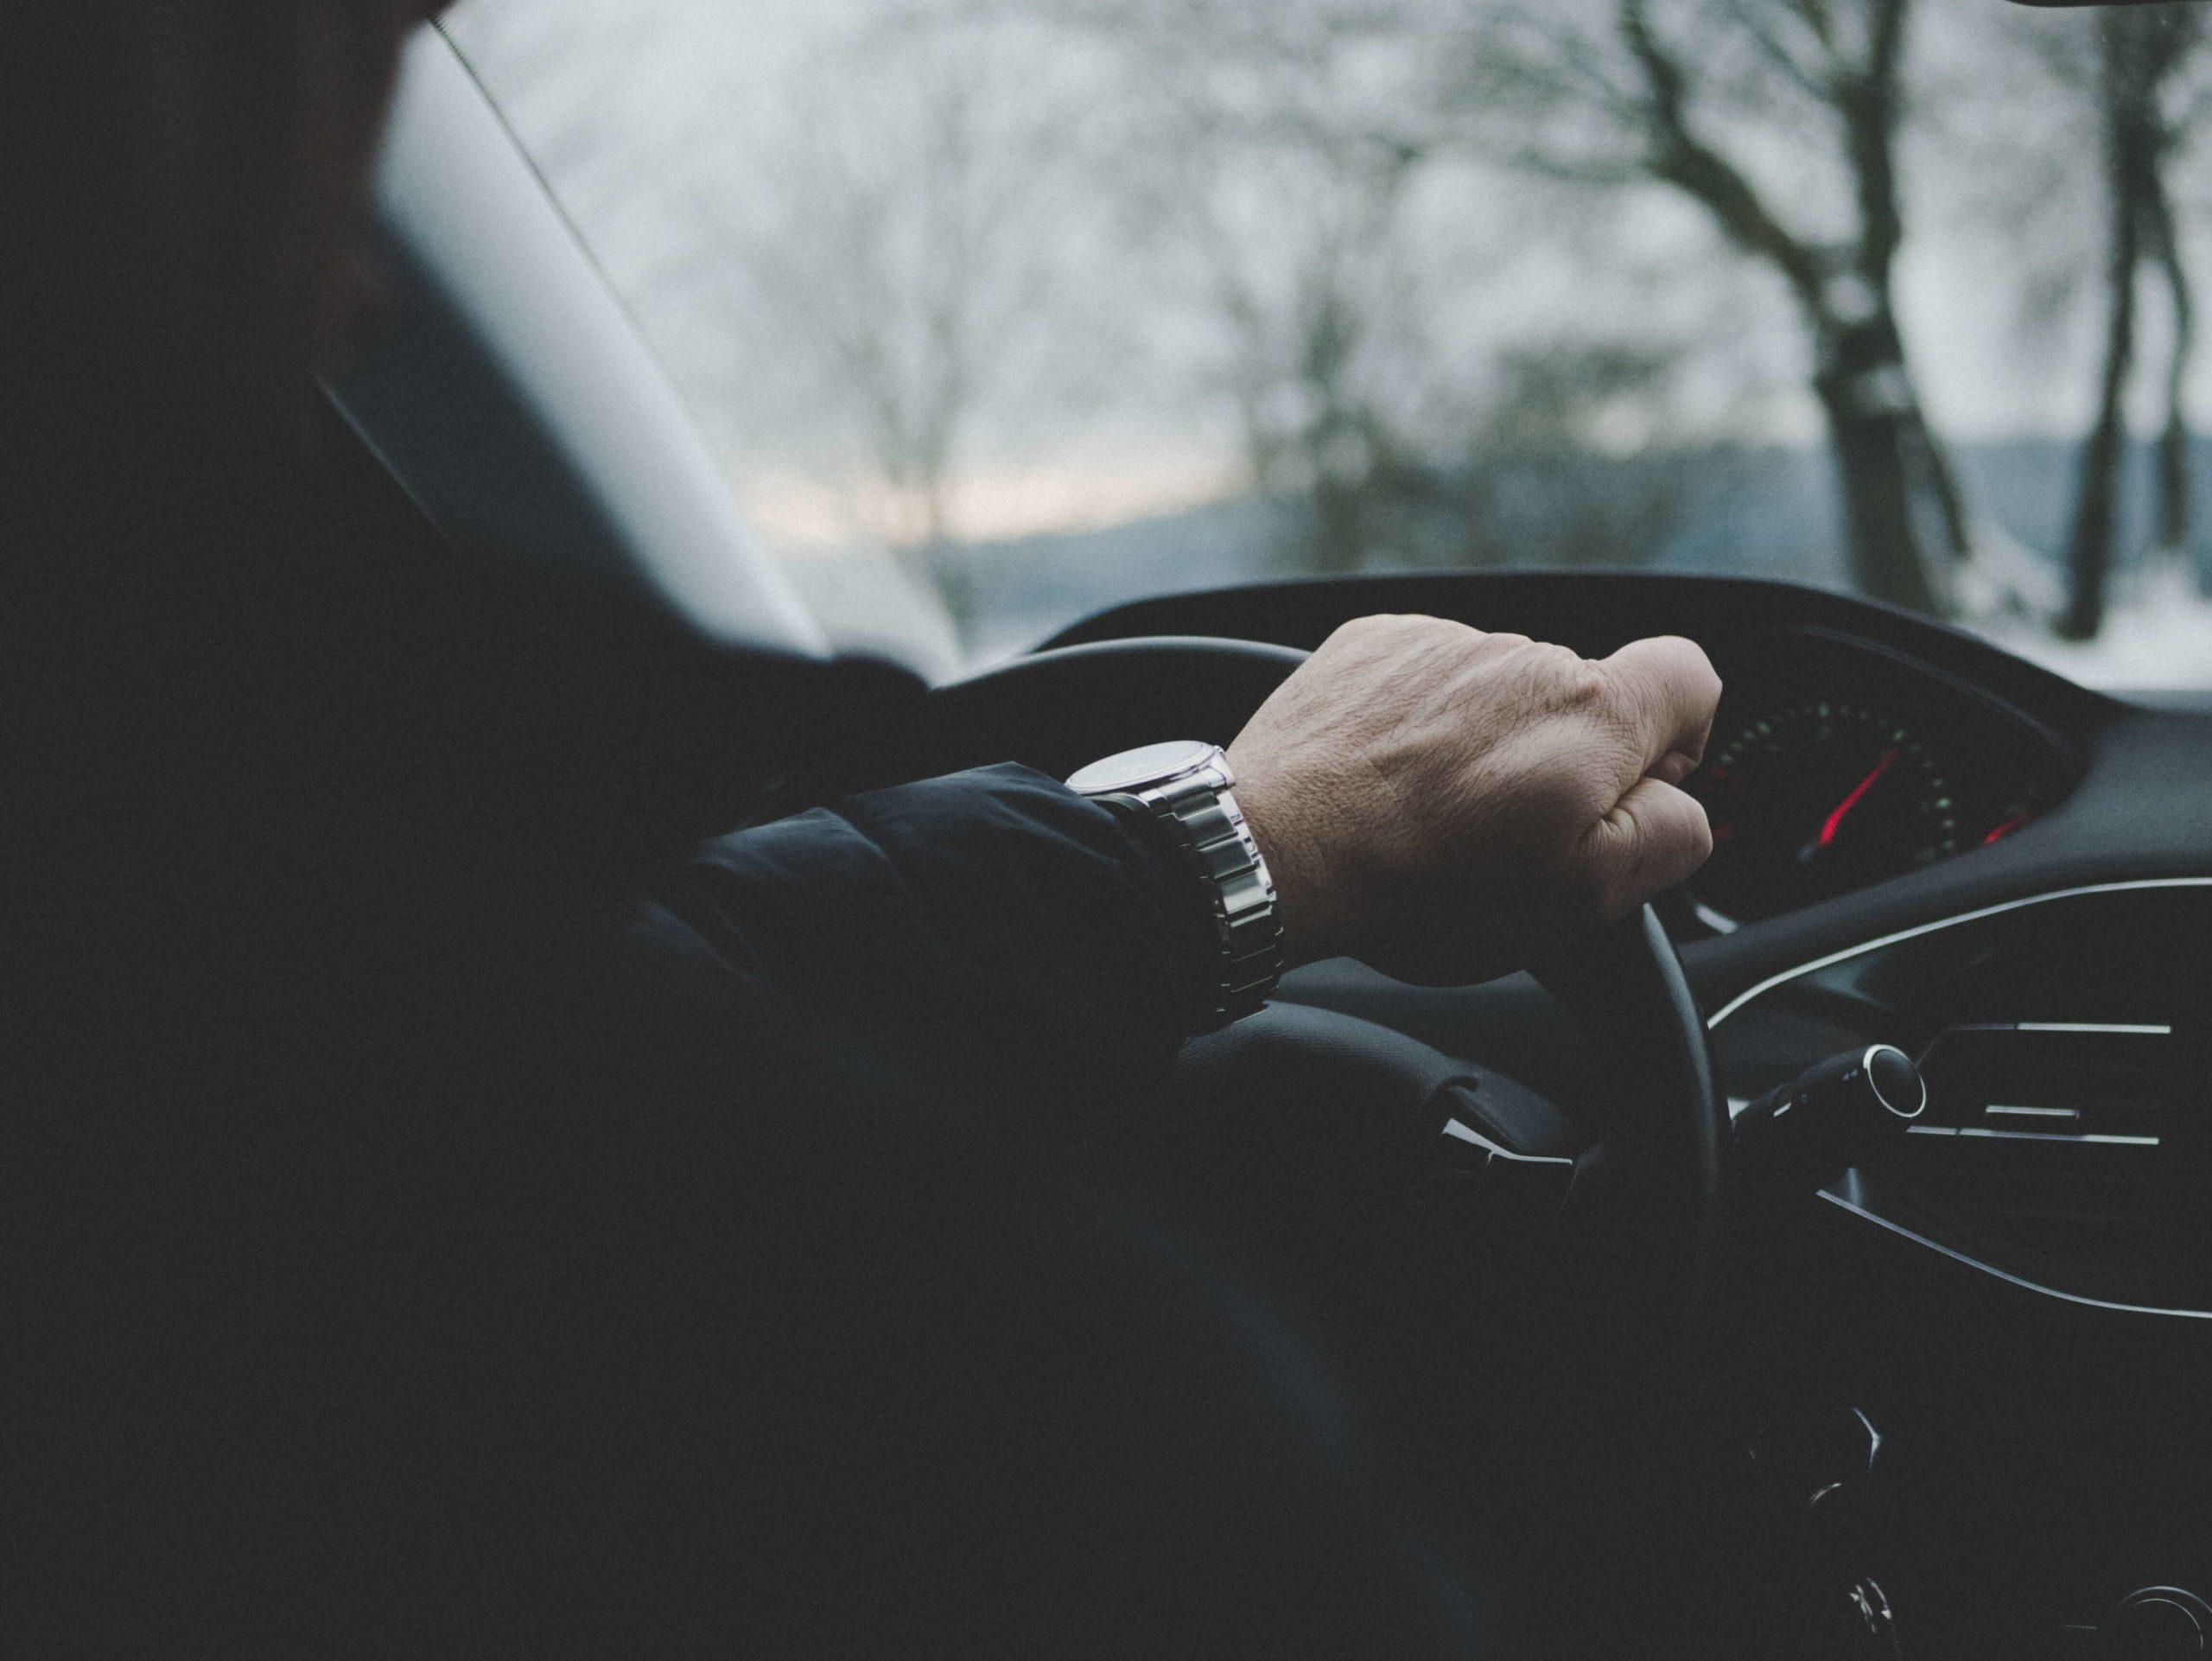 uninsured-drivers